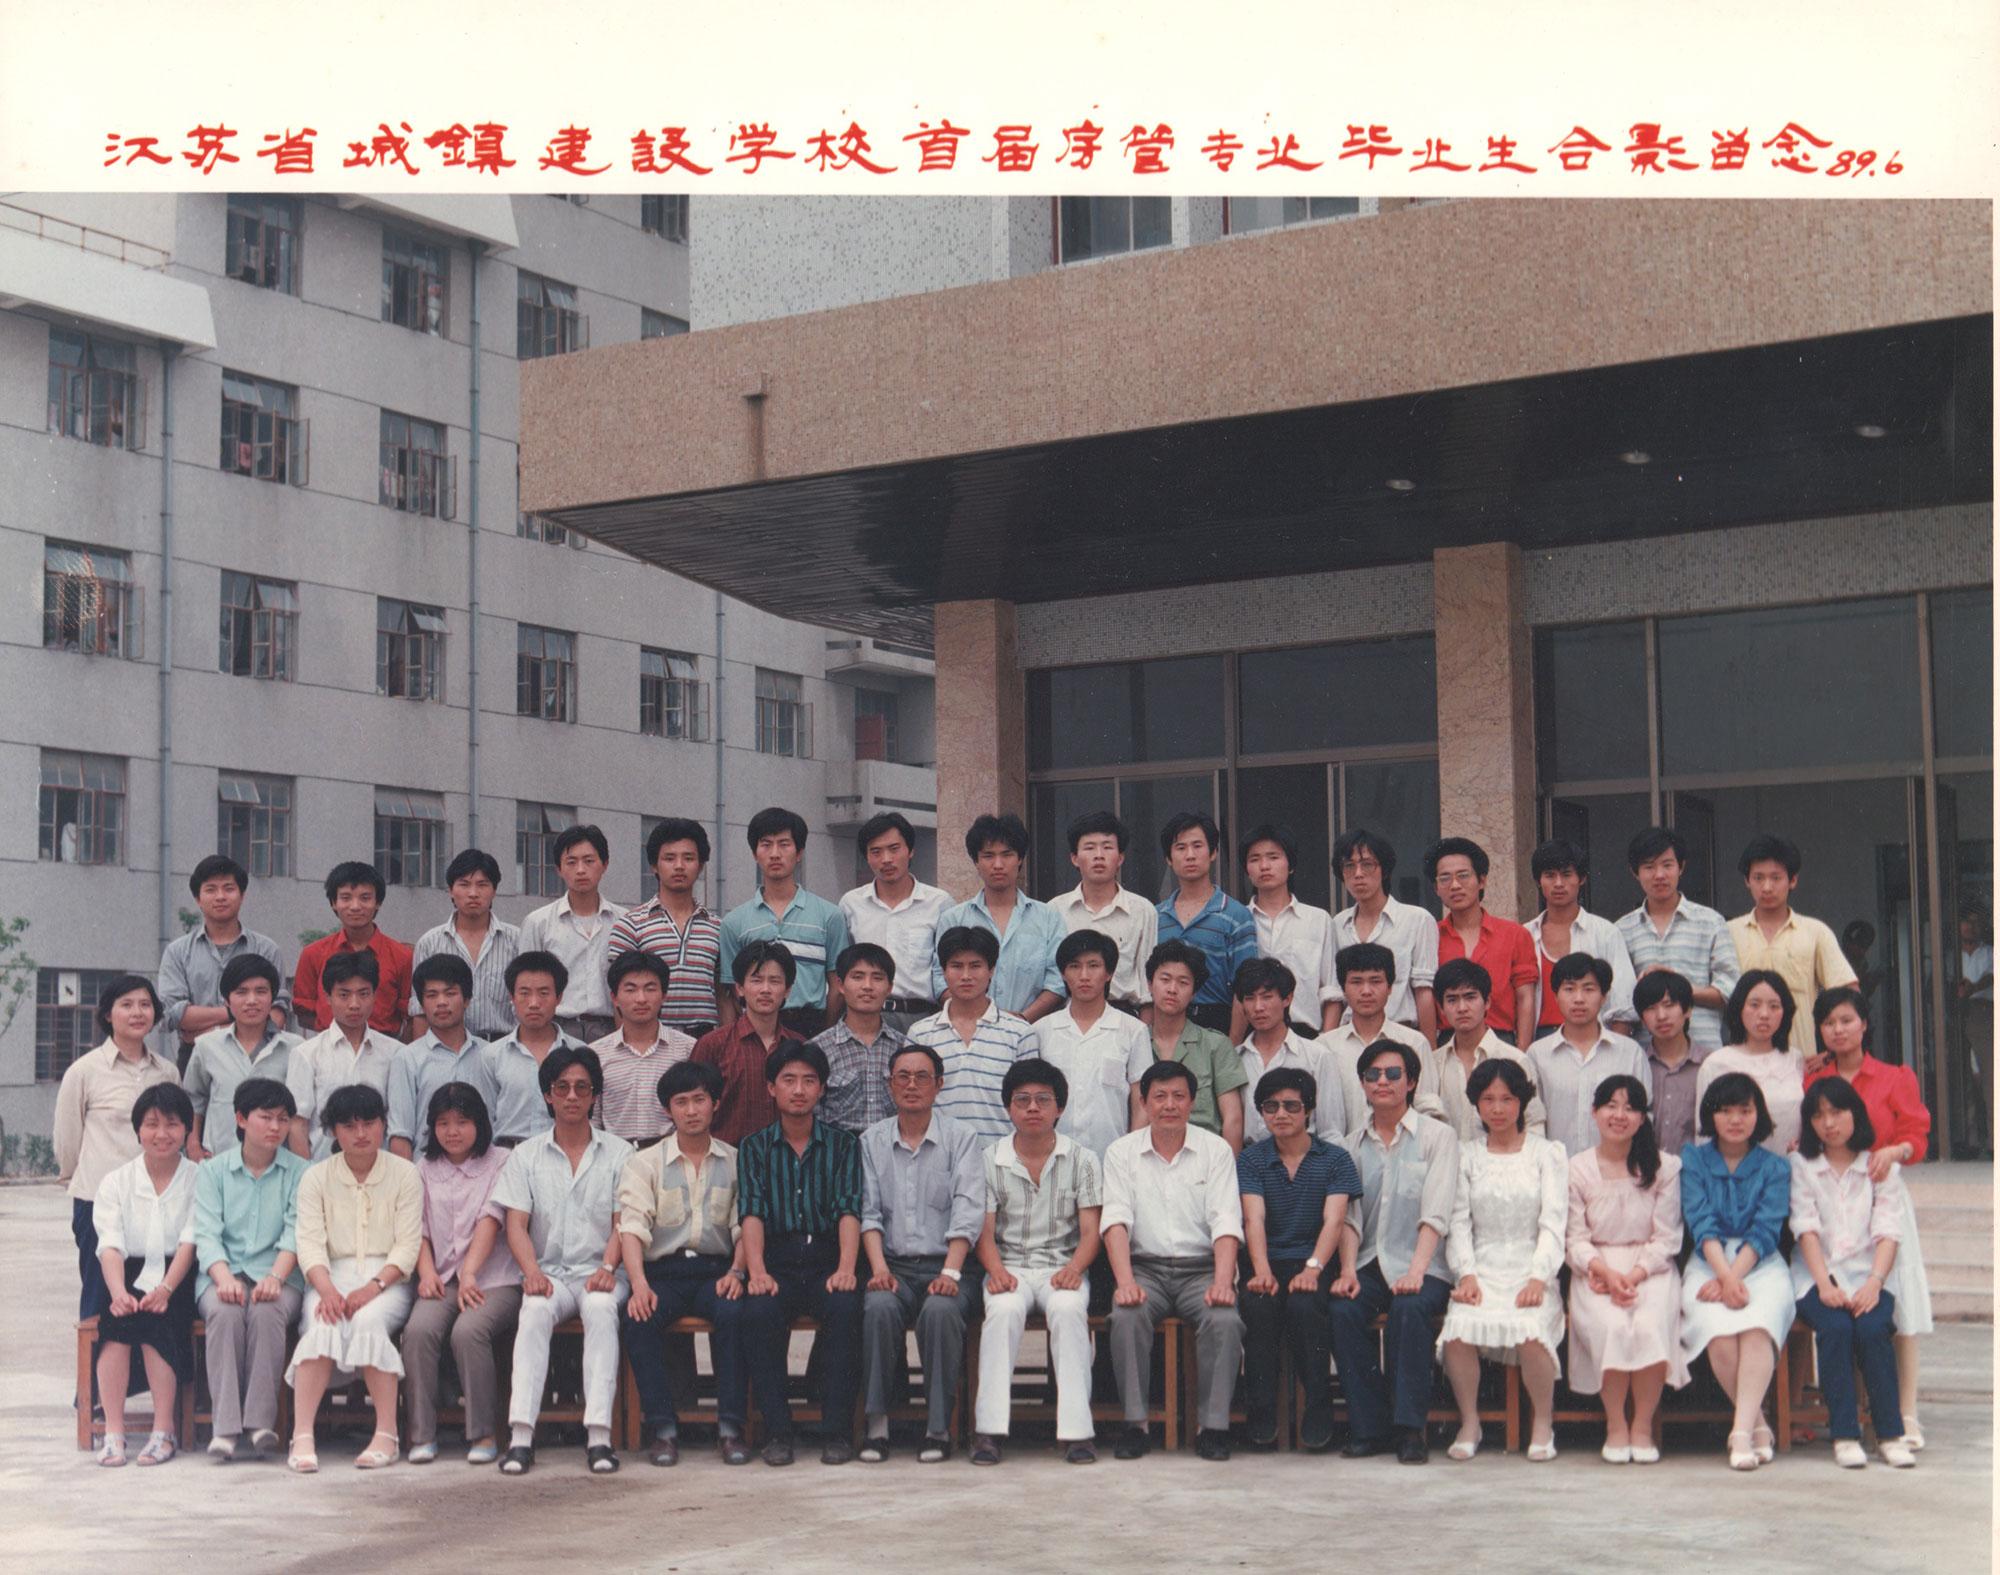 1989届房管专业毕业生合影留念